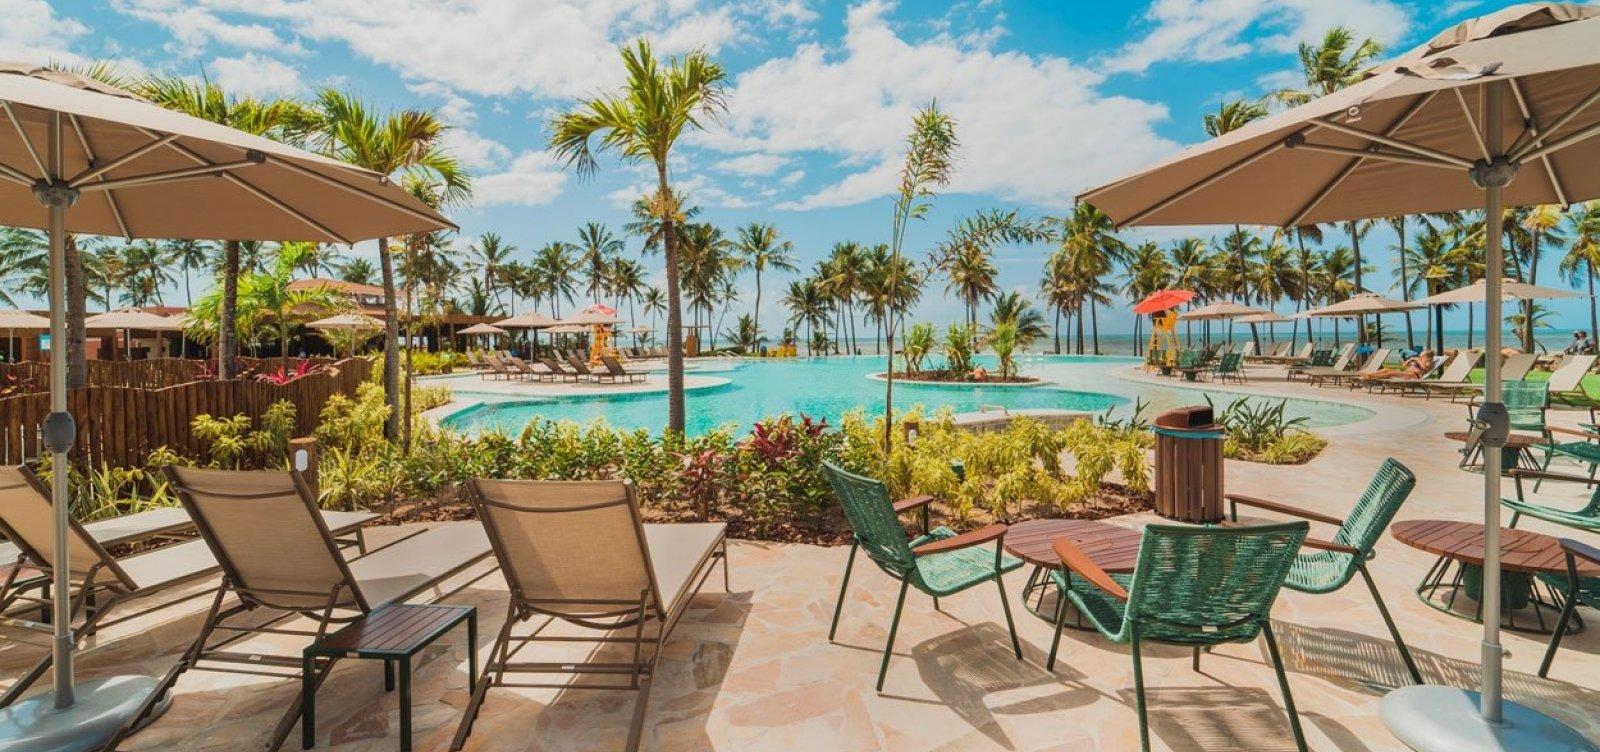 Resort baiano aparece entre os 10 melhores do país em portal especializado